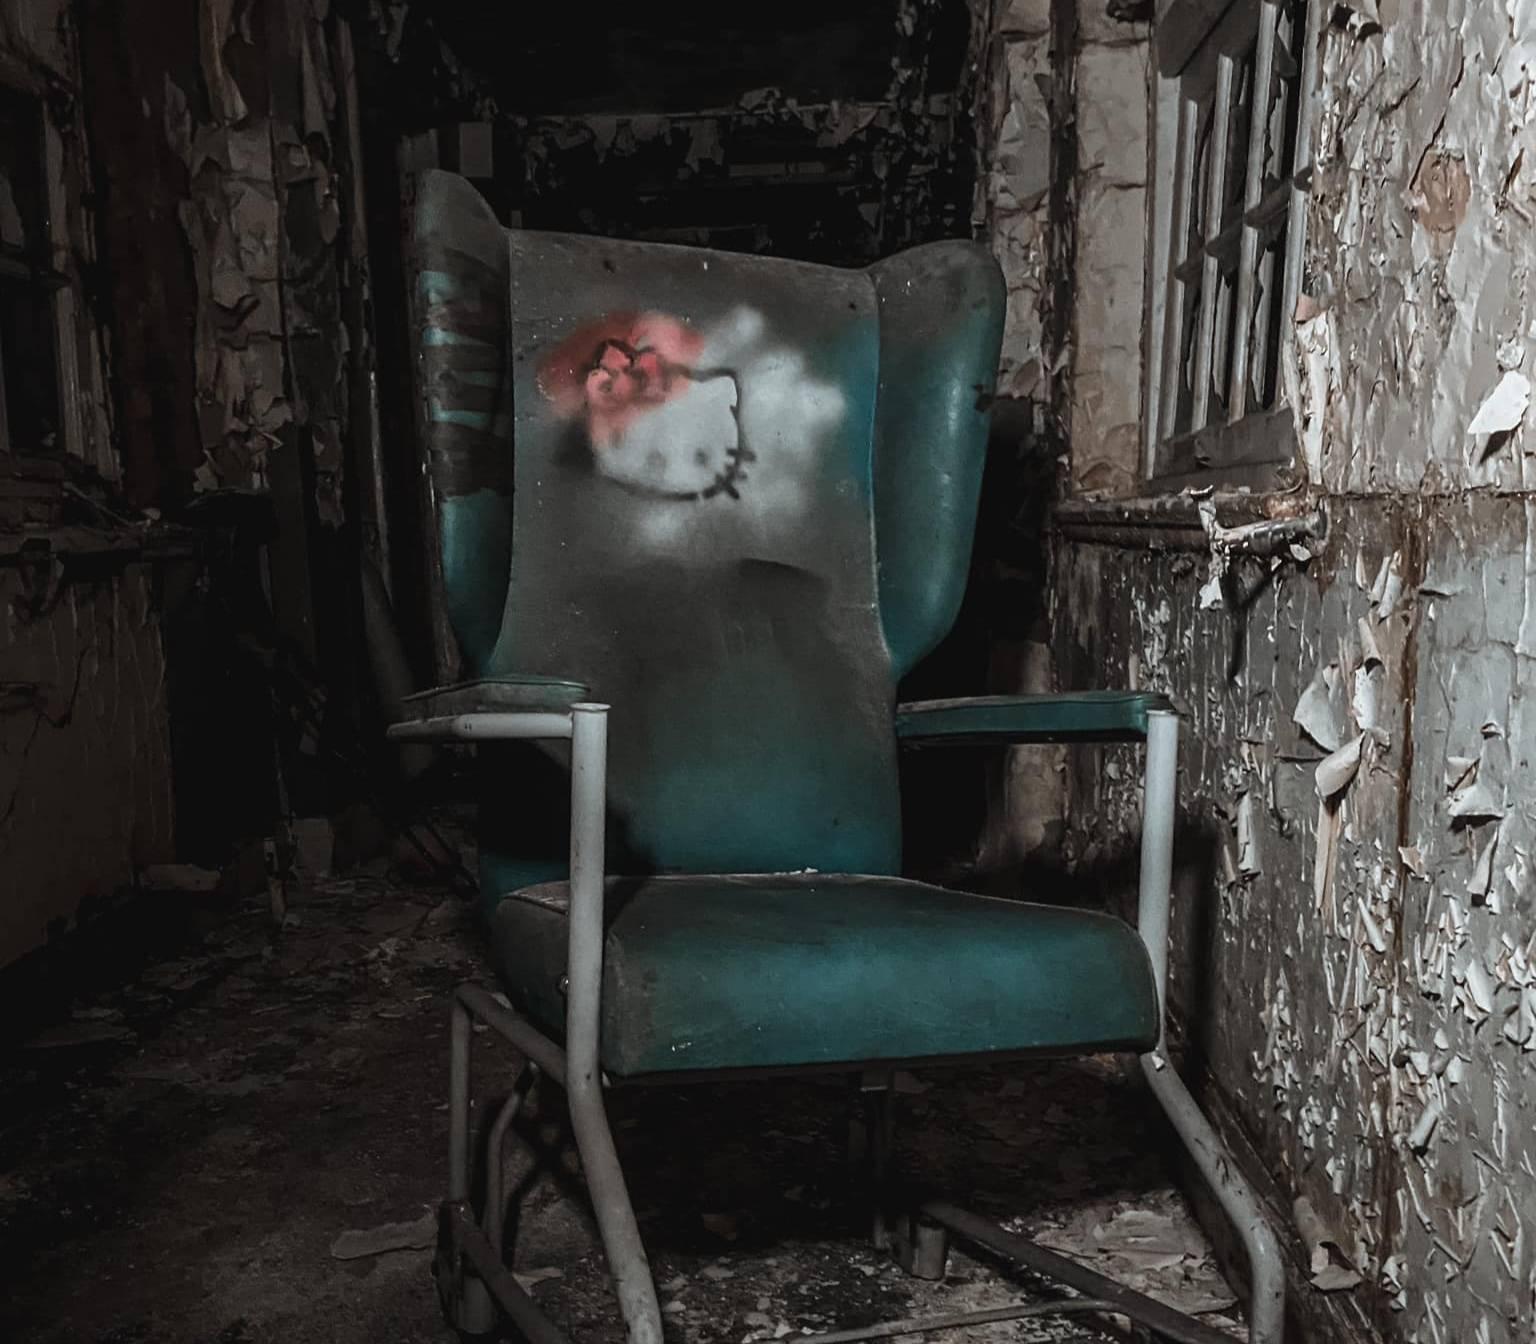 15 жутких фото заброшенной больницы, которая с годами превратилась в декорации для фильма ужасов